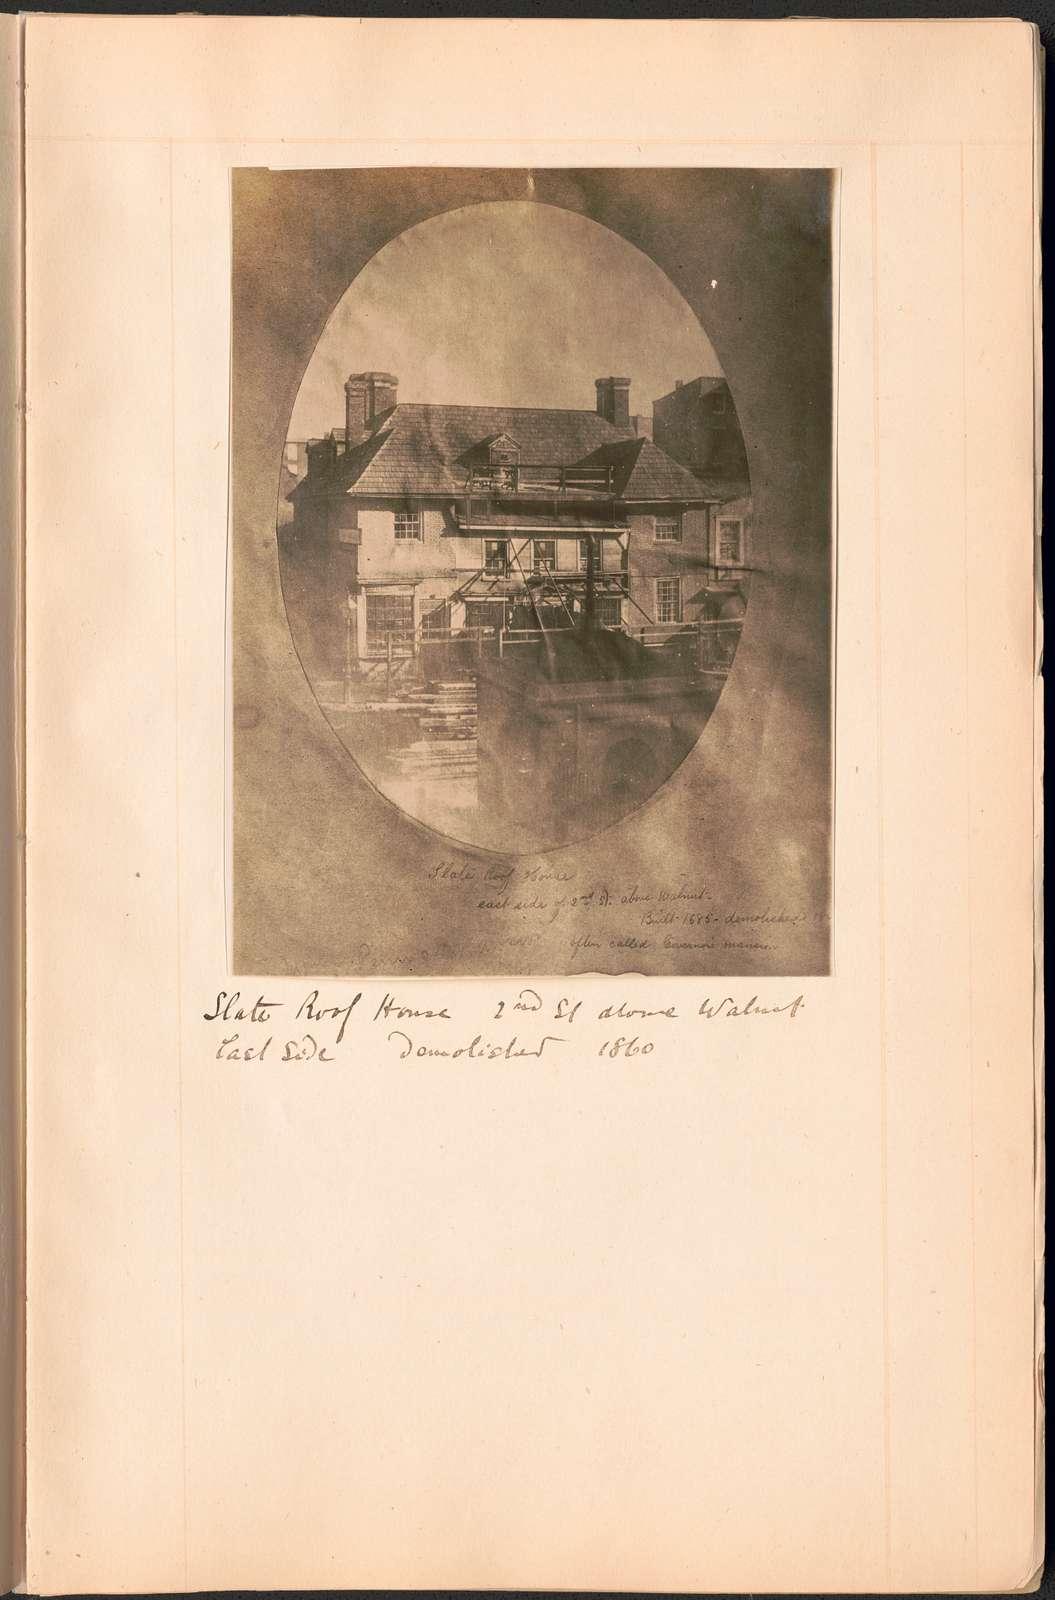 Slate Roof House, 2nd St. above Walnut, east side, demolished 1860